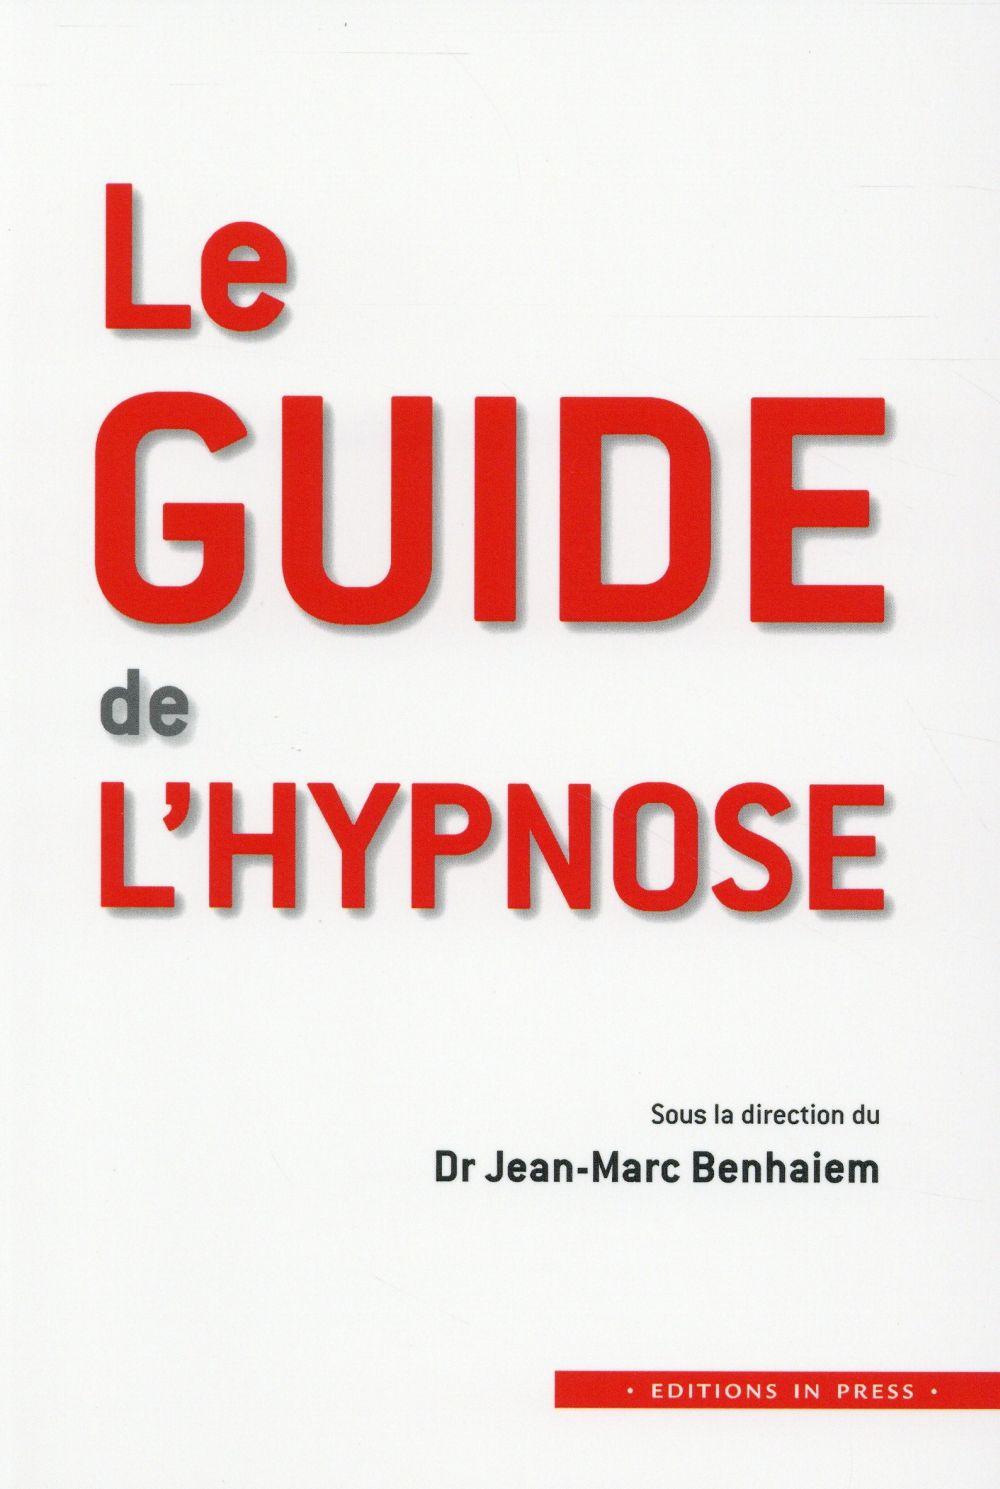 Le guide de l'hypnose